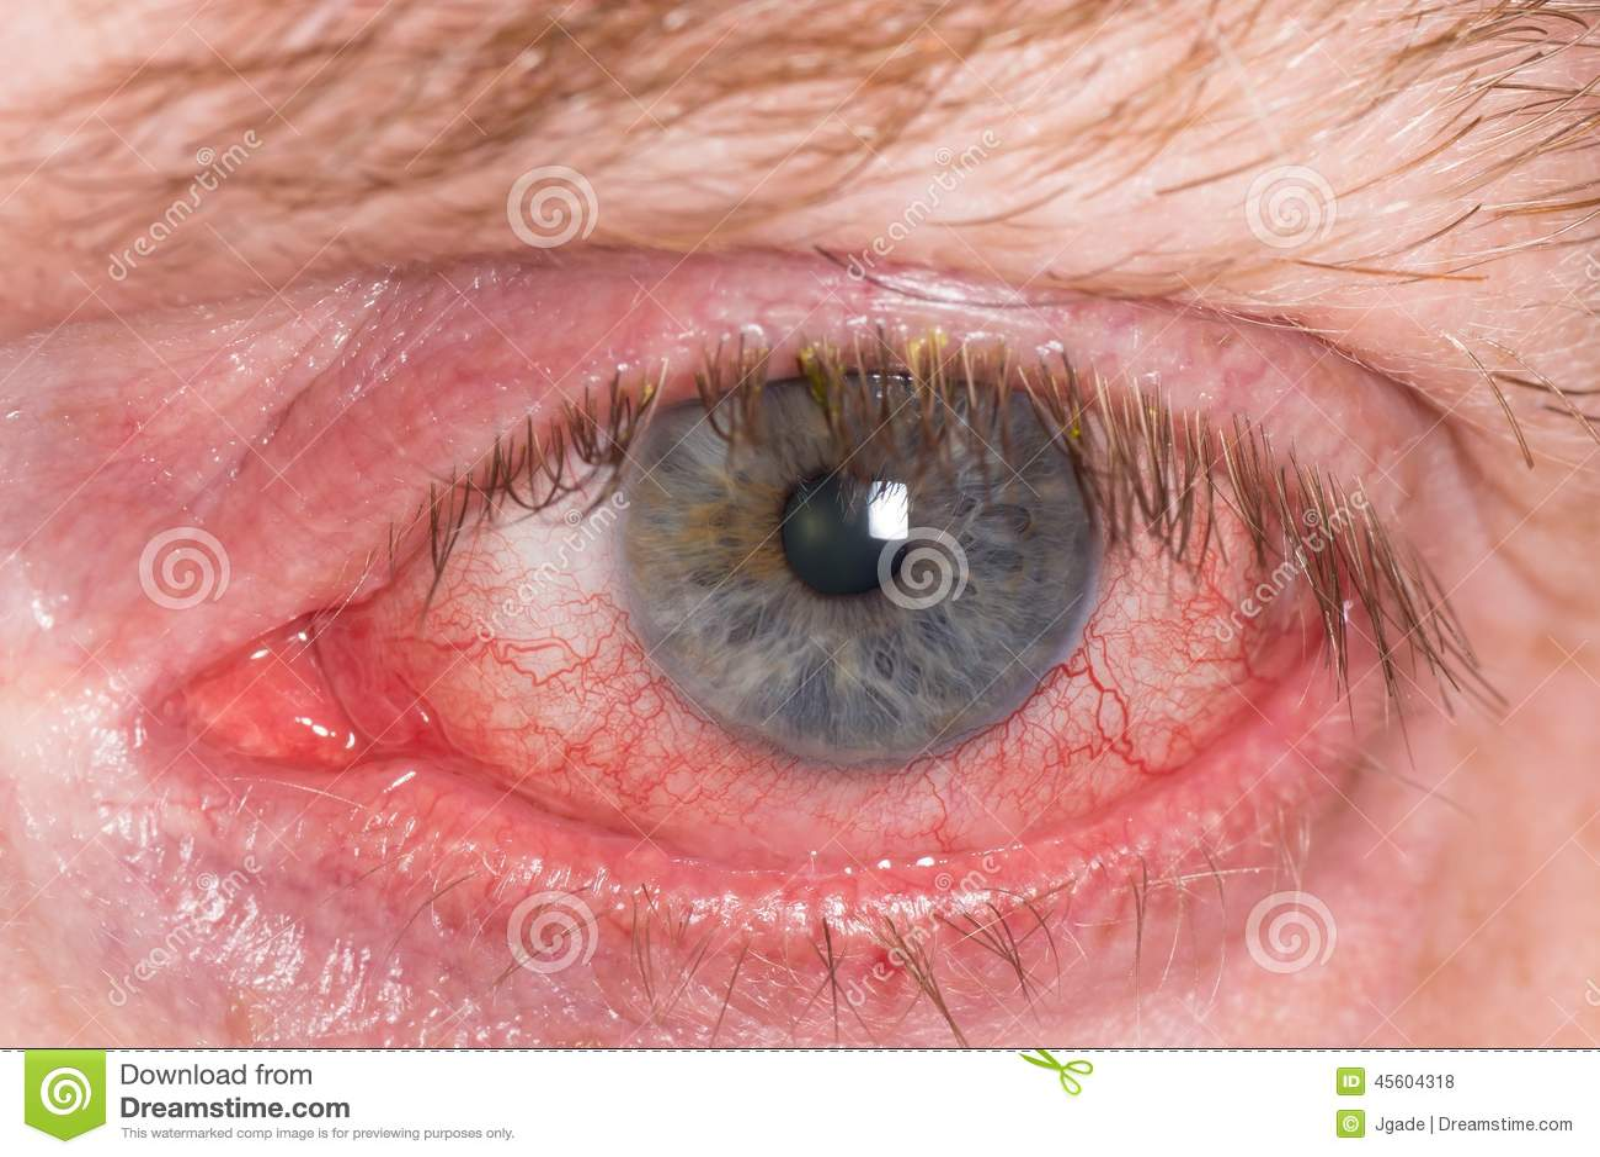 Irritation i ögat